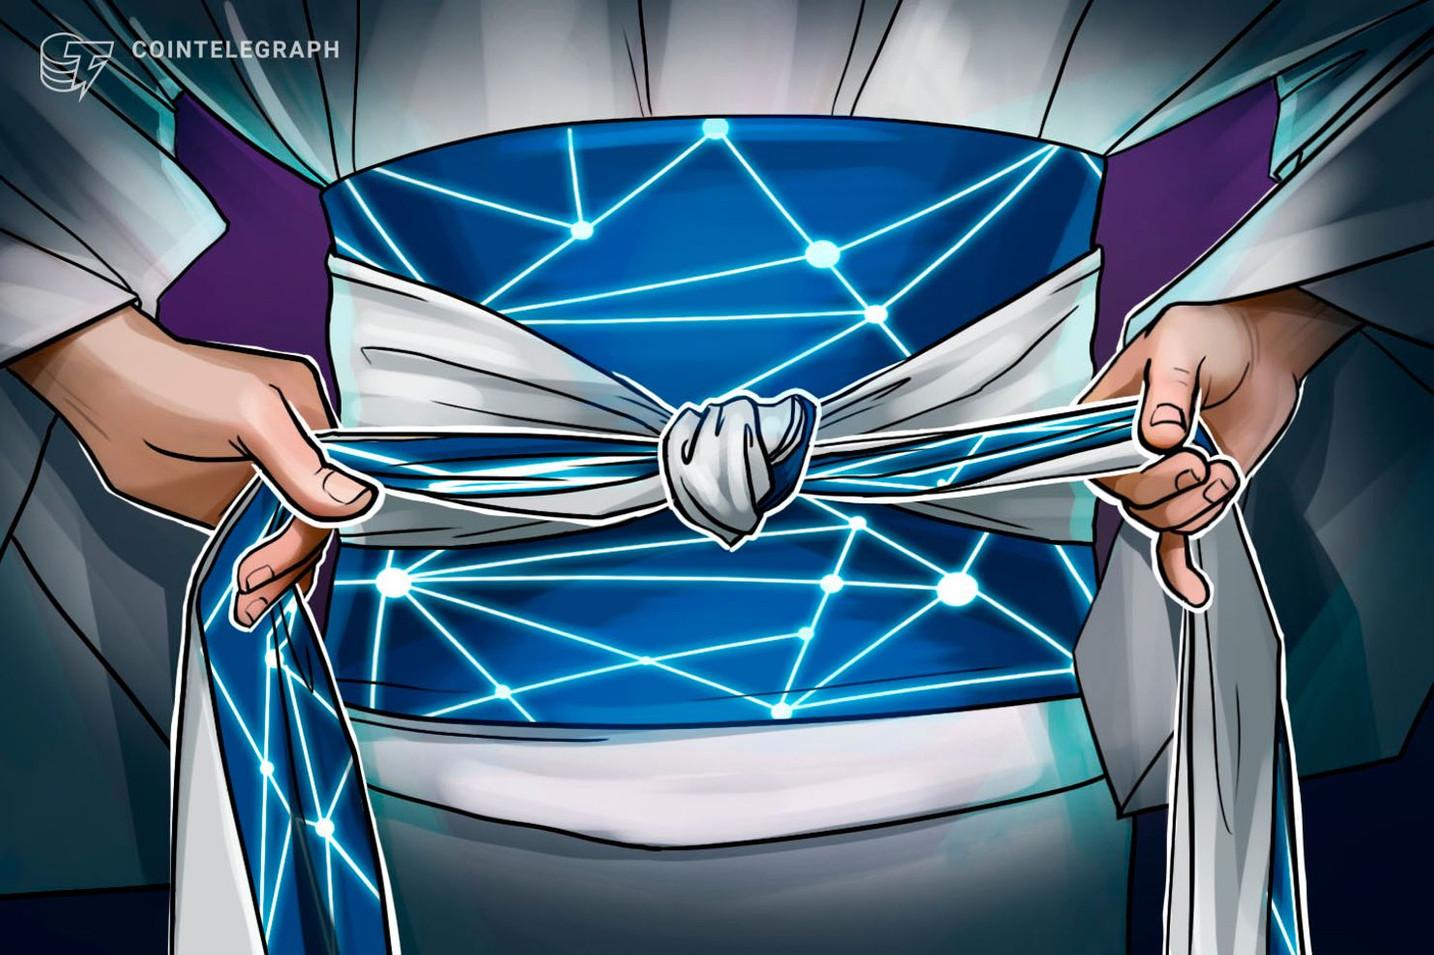 みずほFG、ブロックチェーンを活用した「個人向けデジタル社債」を計画 2020年度の商品化目指す【ニュース】